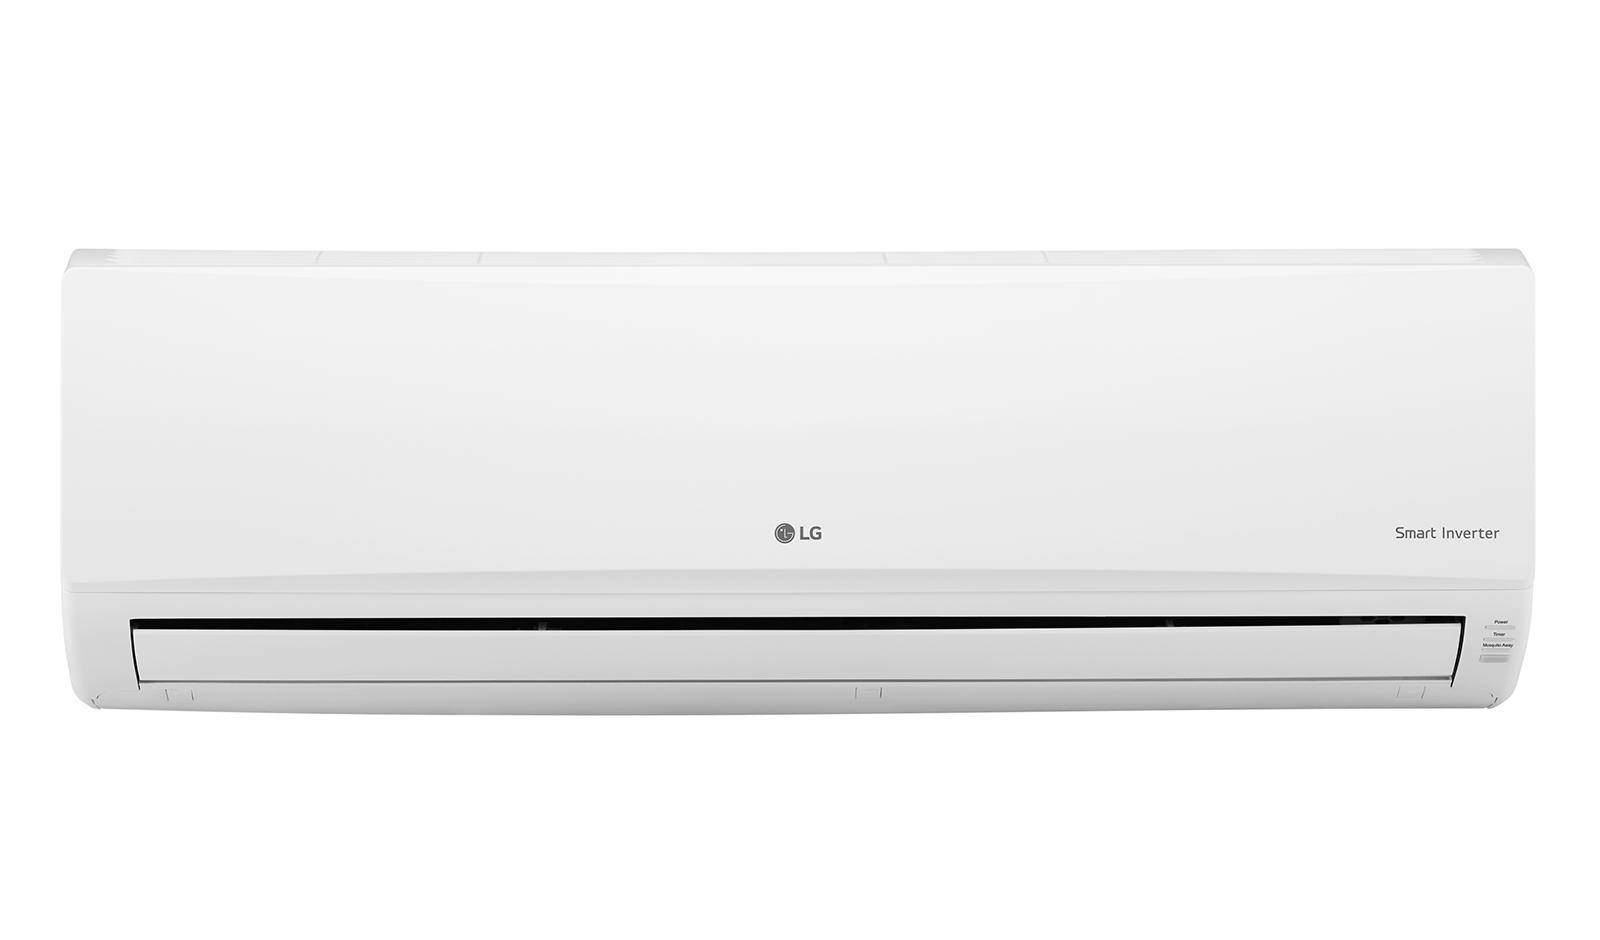 Сплит-система LG Smart Inverter S09PMG